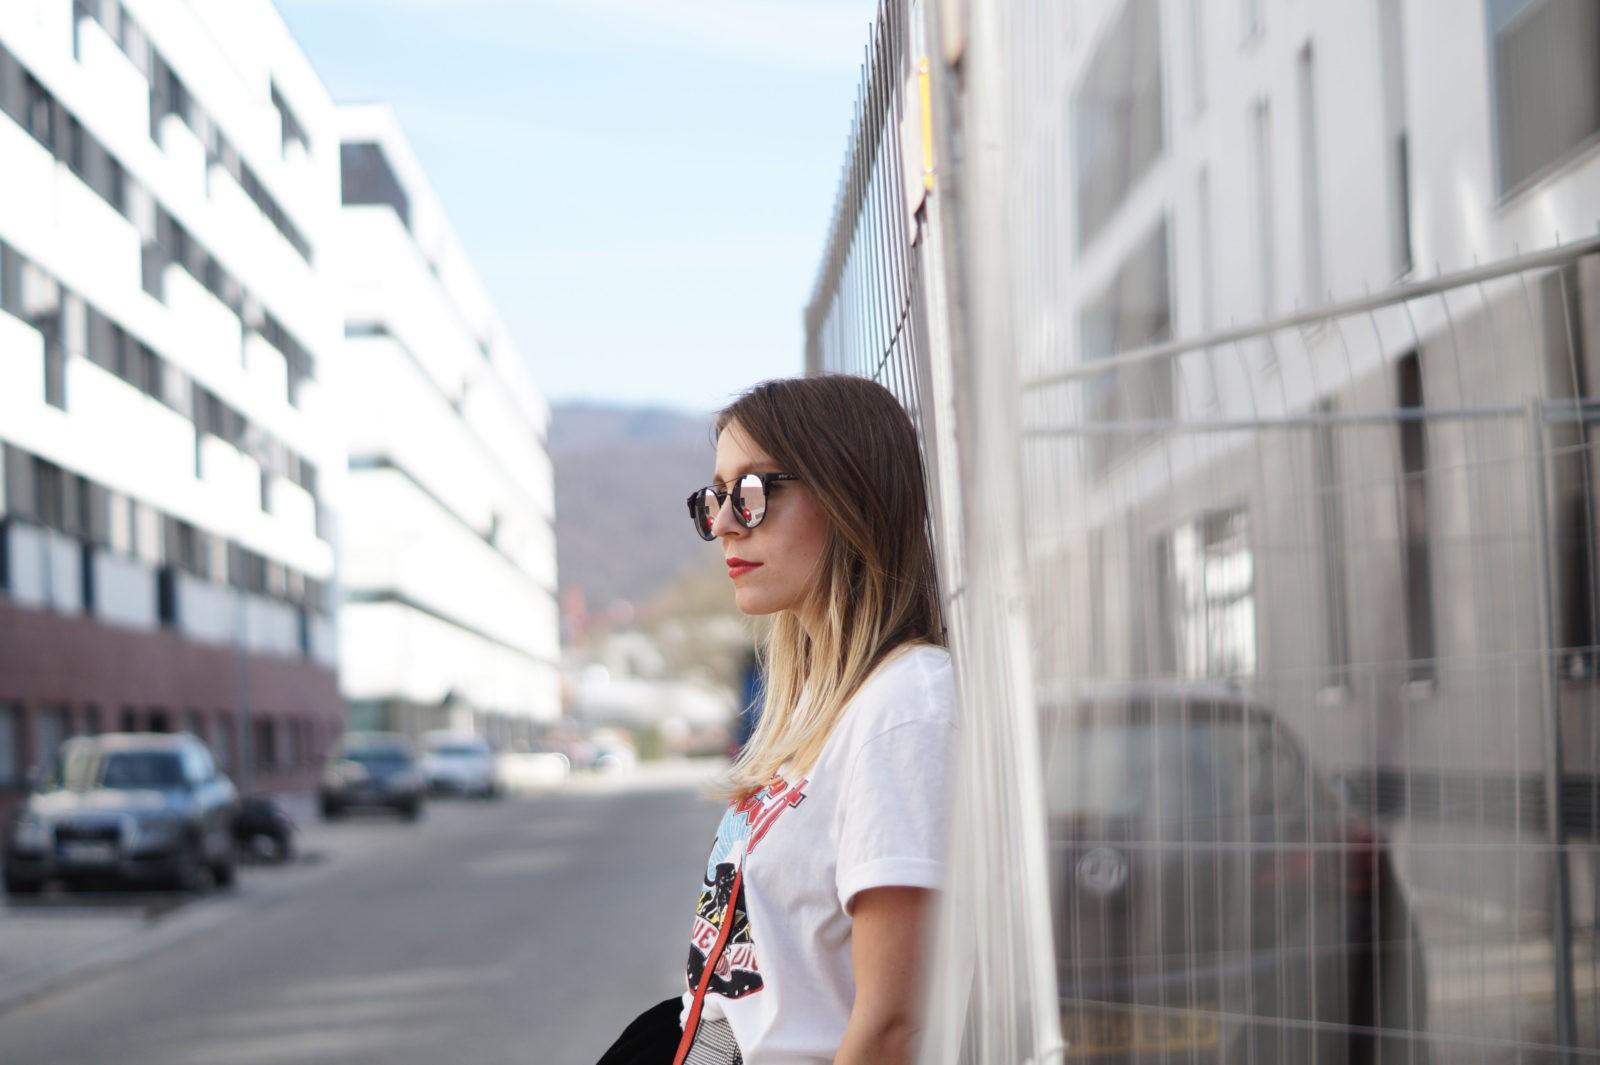 Slogan Shirt Pop of Red Outfit Fashionblogger Sariety Modeblog Heidelberg Bandshirt Karohose rote Tasche Mirror Sunnies verspiegelte Sonnenbrille